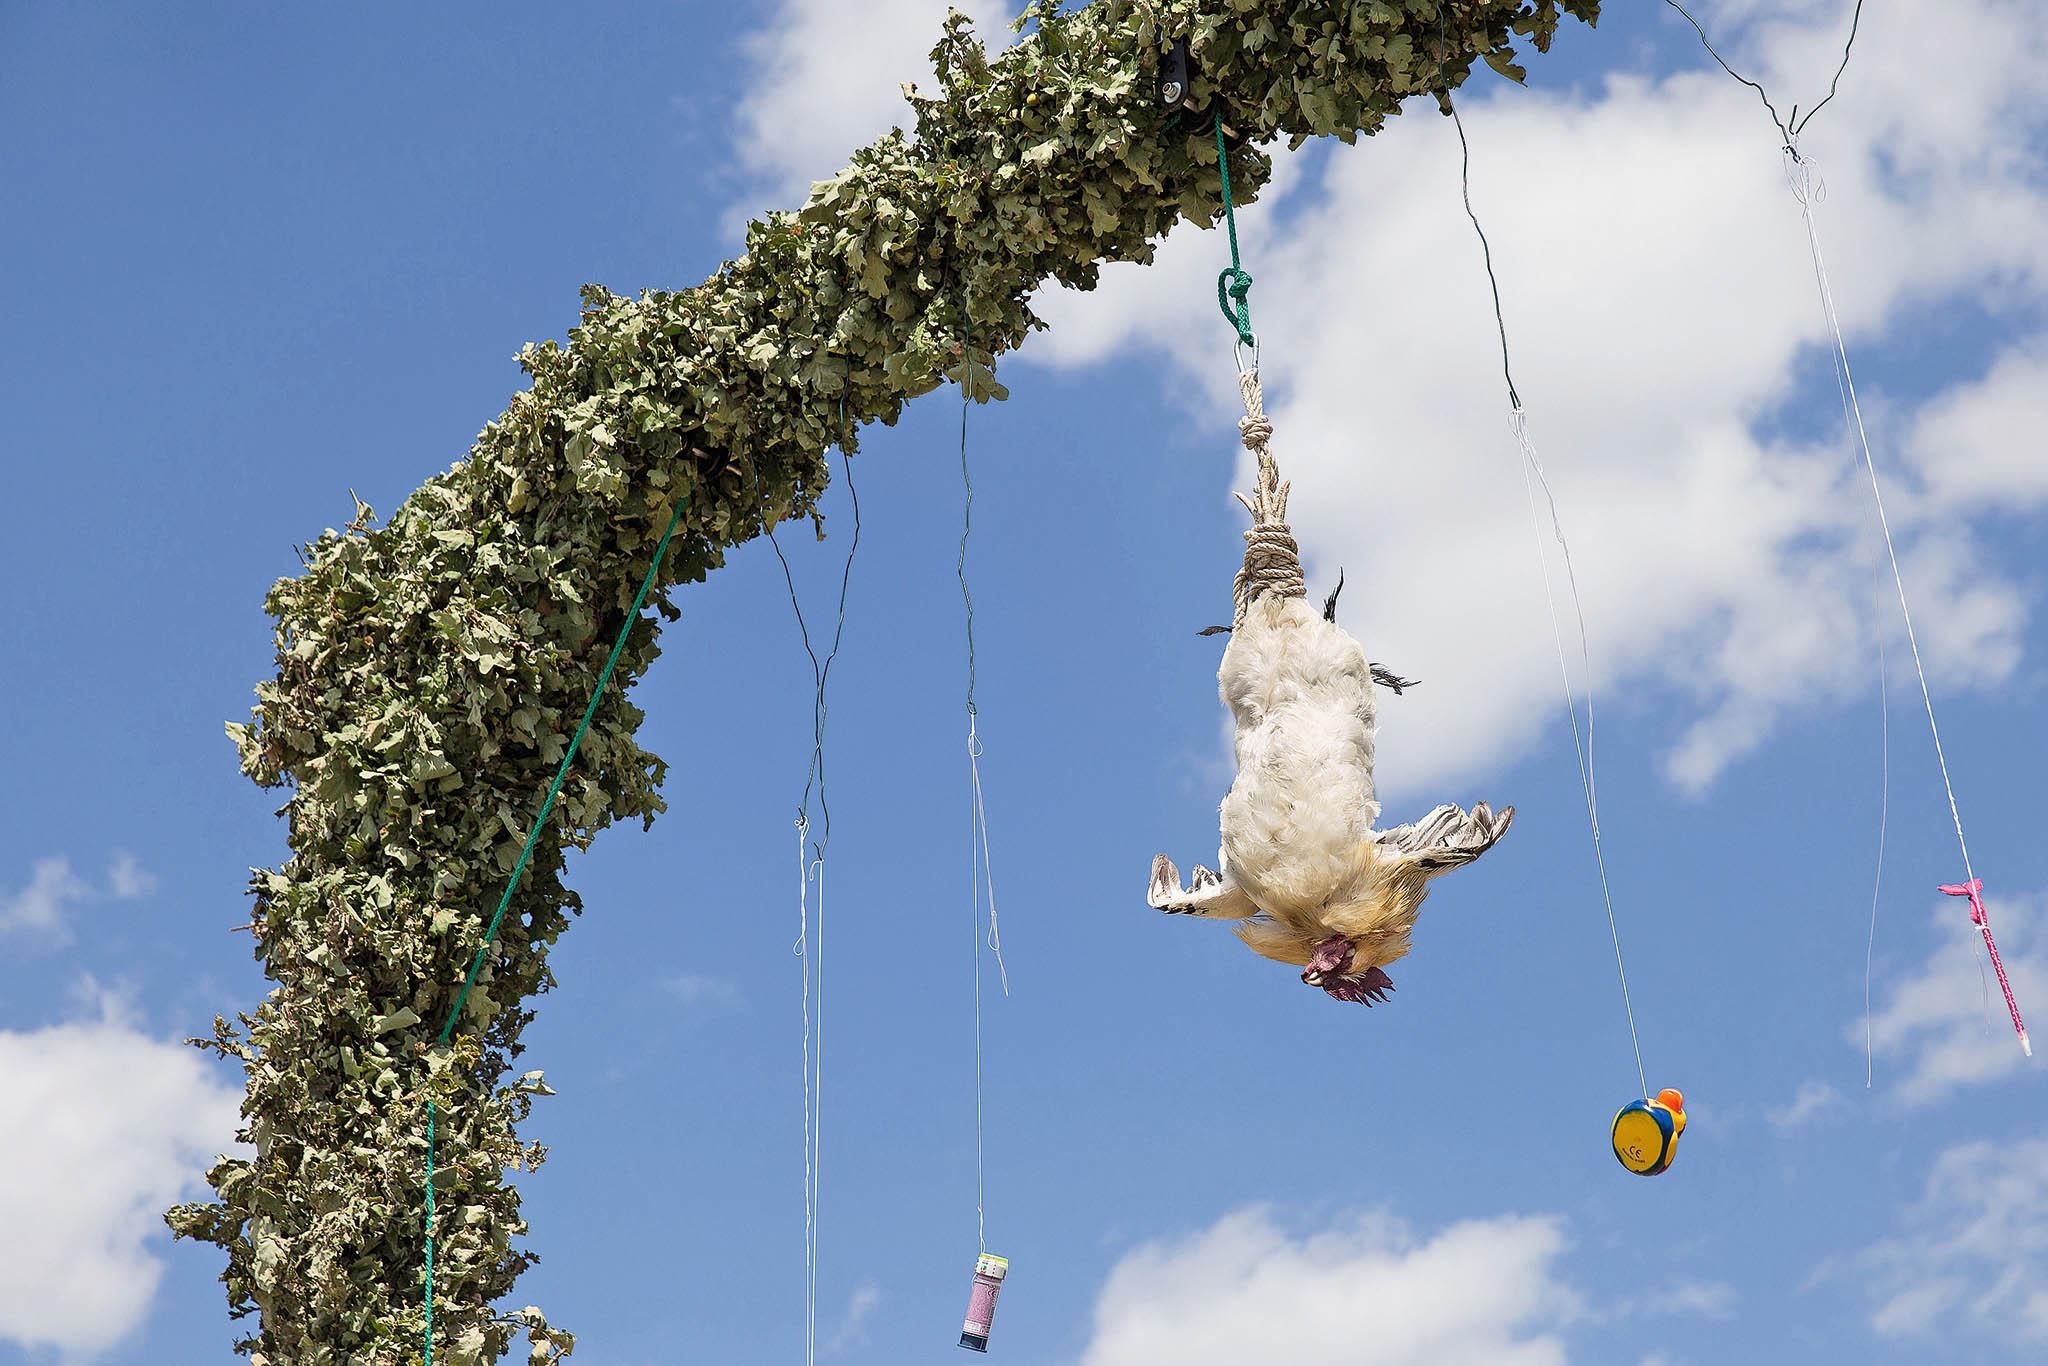 Pták je nakonec vydražen. Symbolicky– otohle maso není zájem.